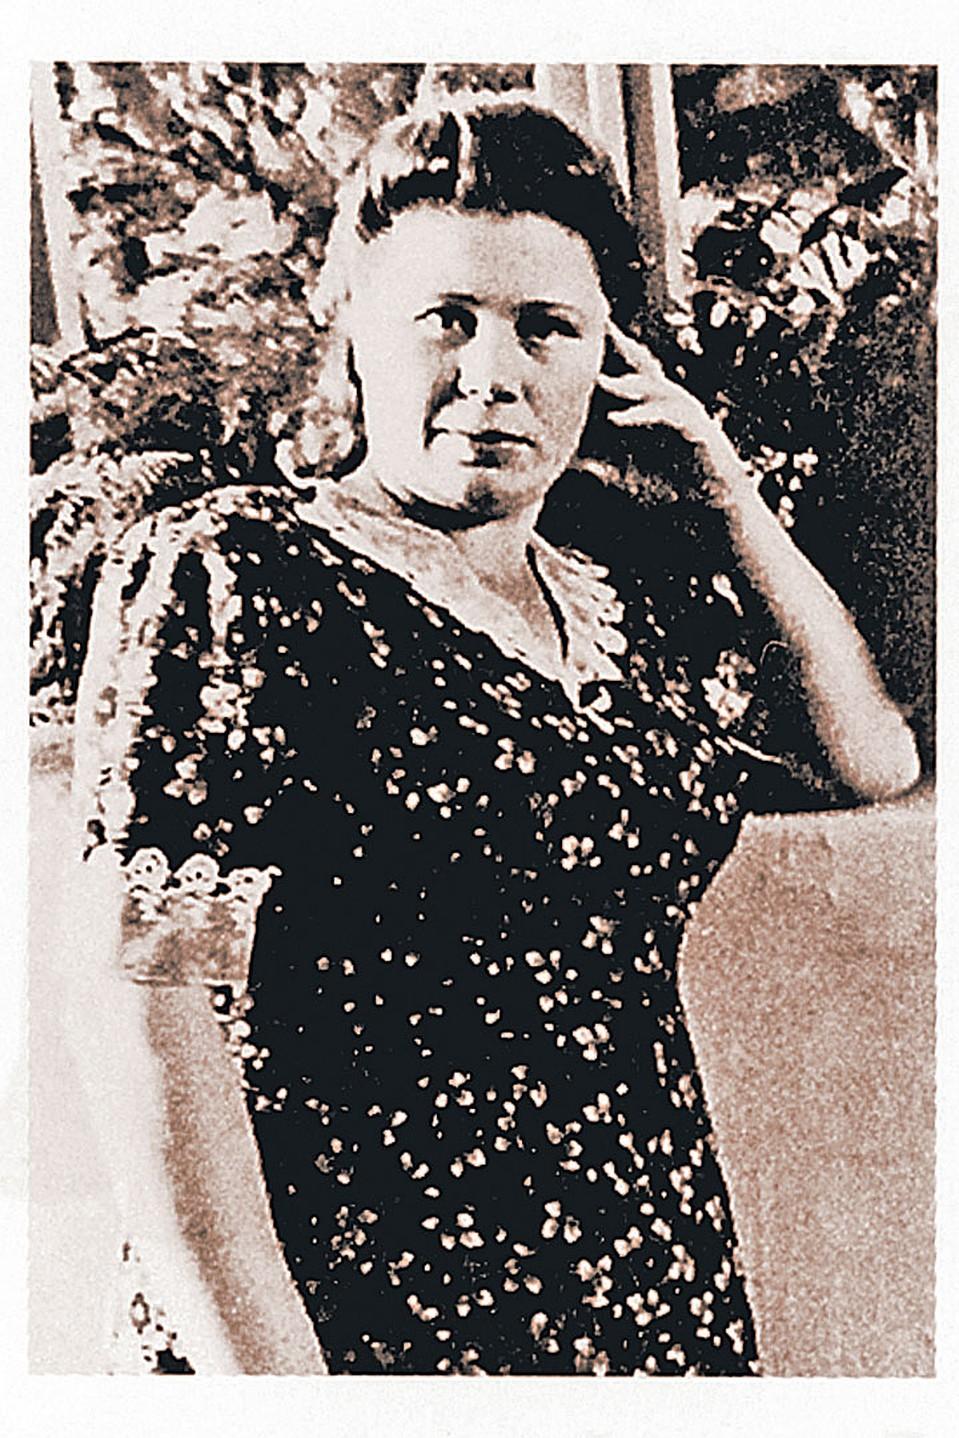 Валентина Истомина упала перед мертвым Сталиным на колени и зарыдала... Фото из книги.